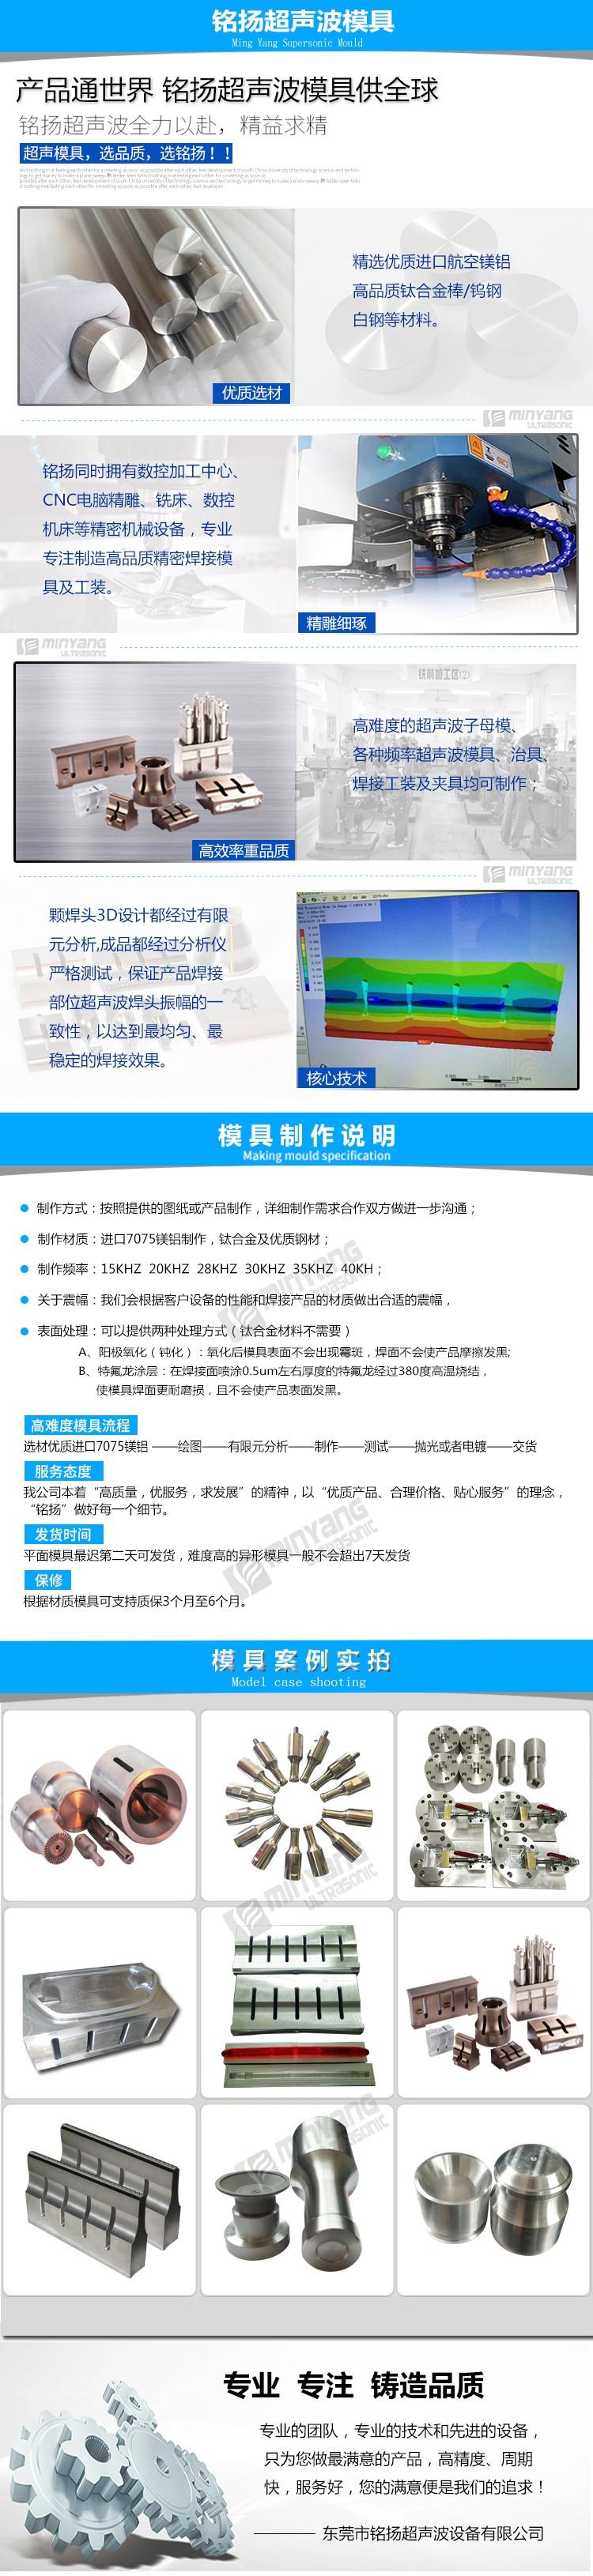 超声波模具|超声波治具|高周波模具|超声波焊接机|超声波工装|超声波夹具|超声波焊头|超声波熔接头